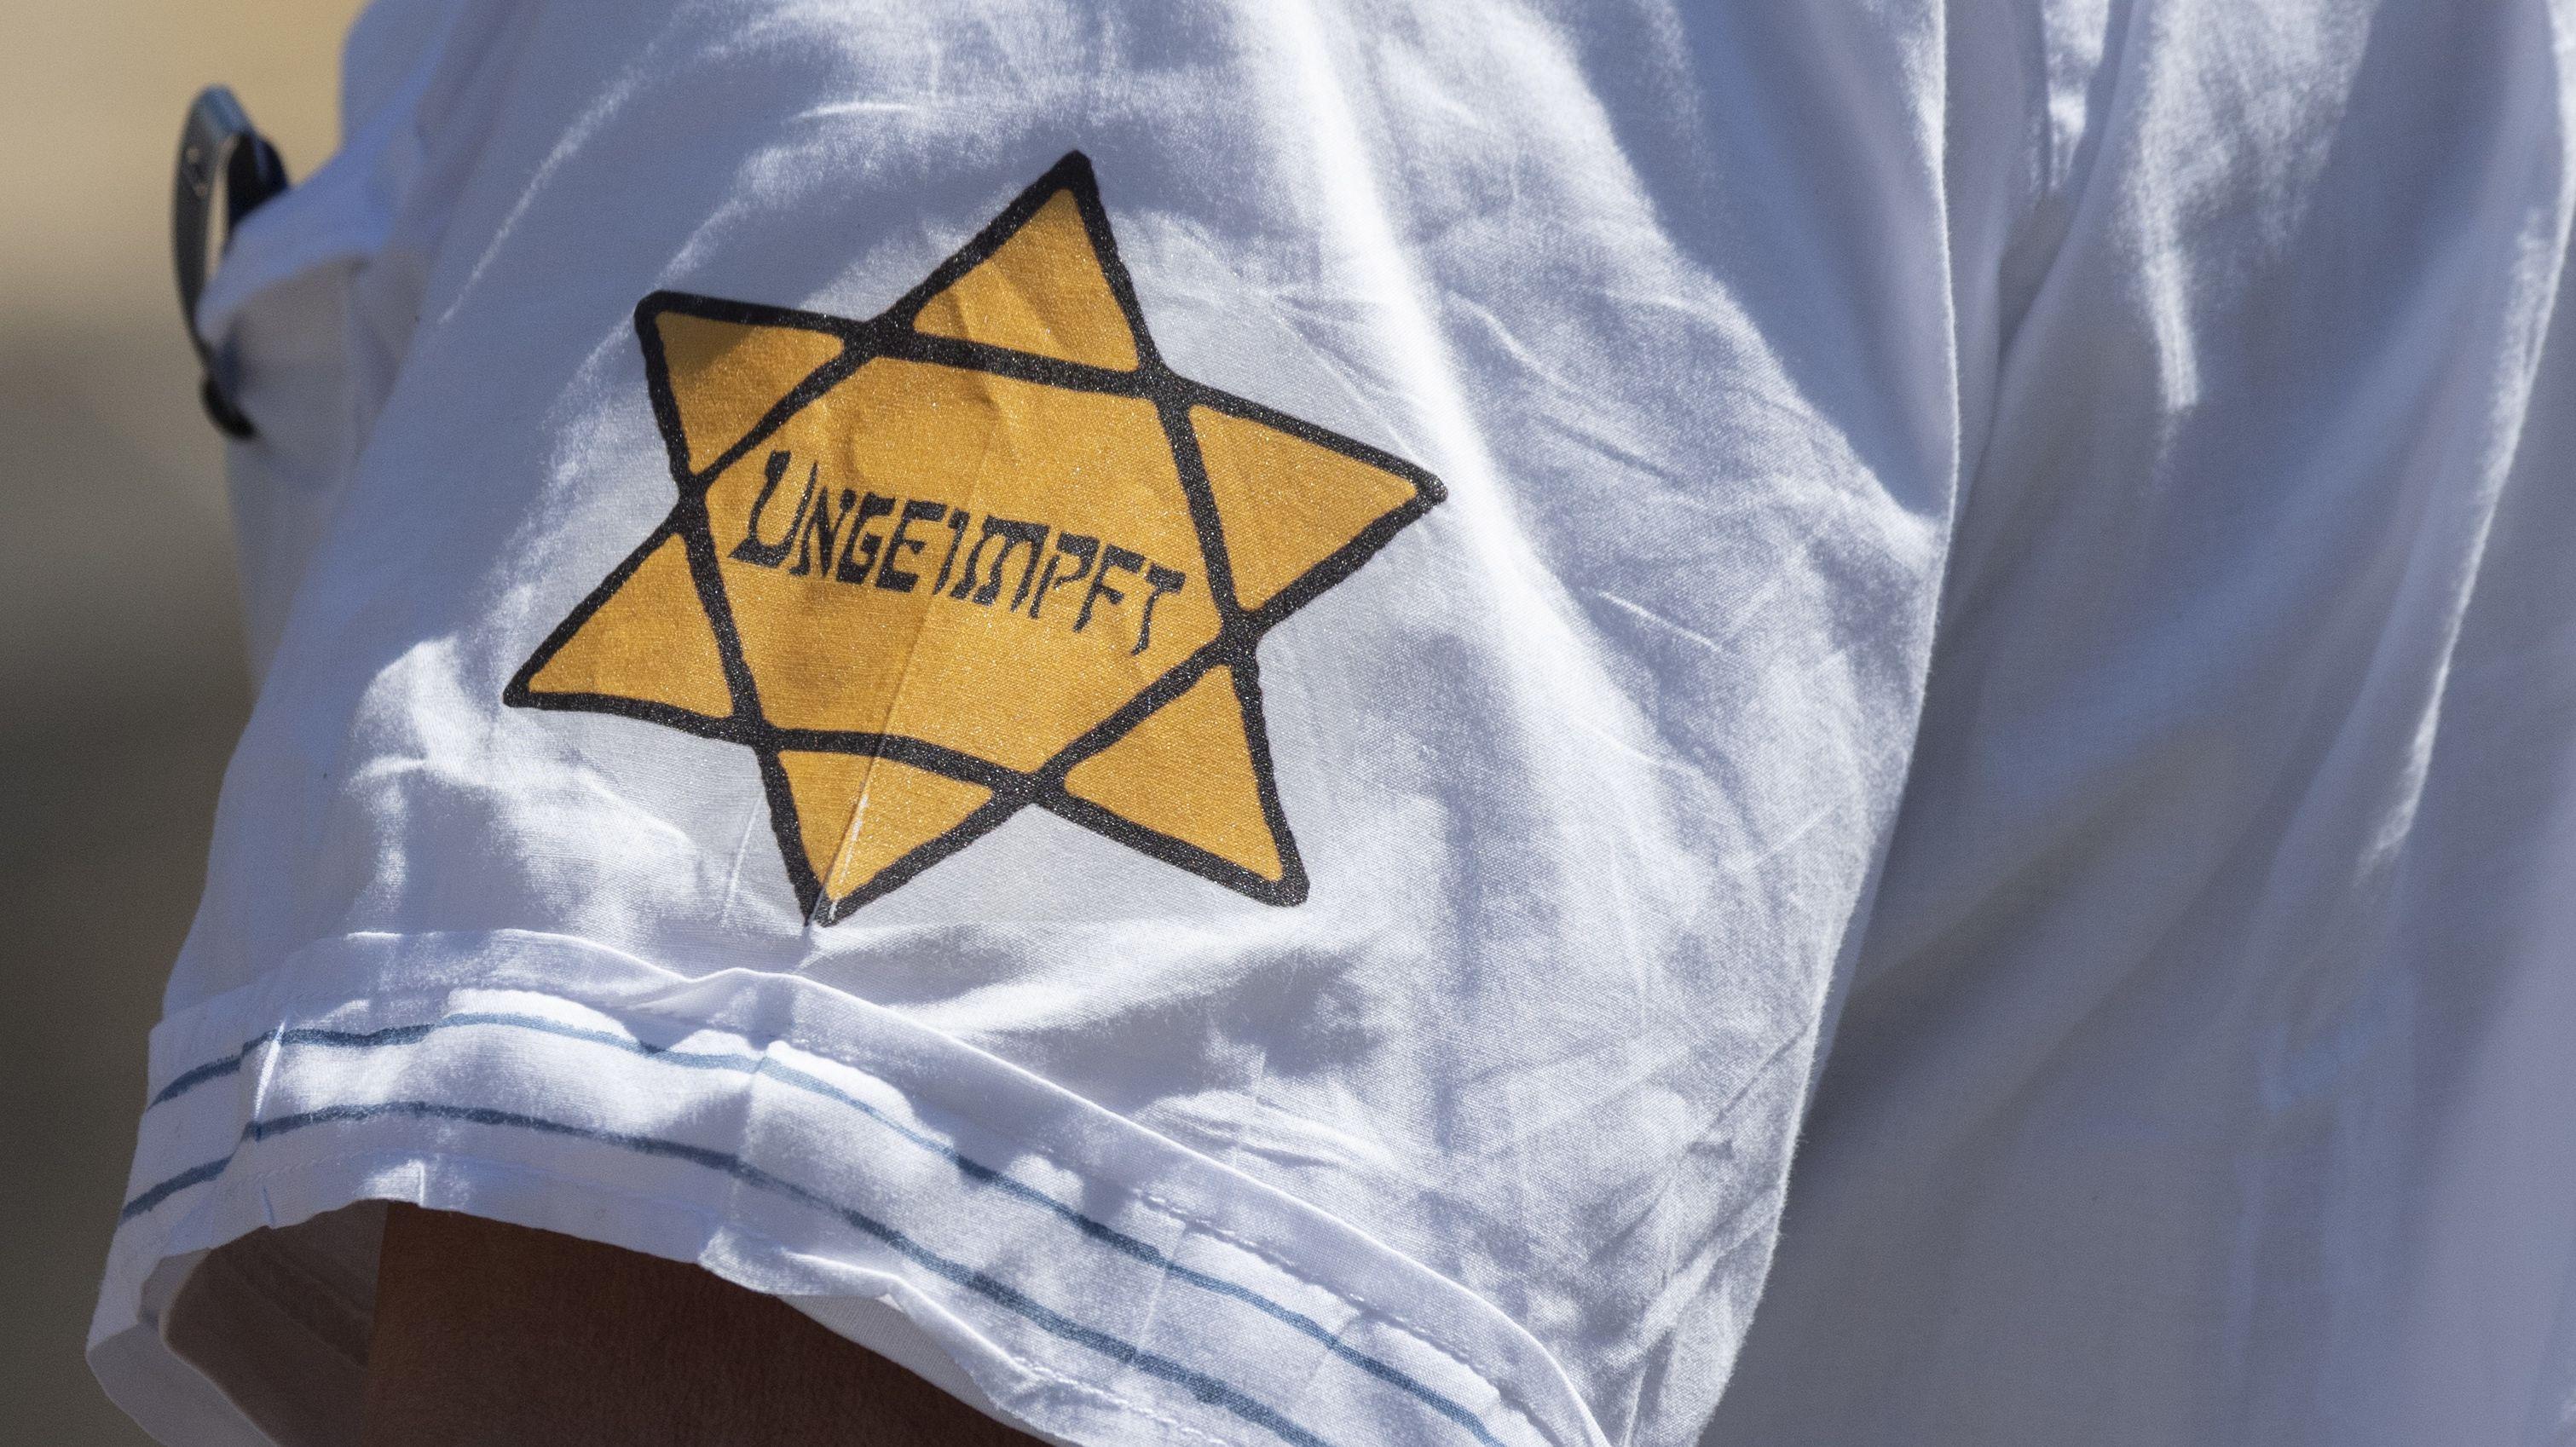 """Archivbild:  """"Ungeimpft"""" steht auf einem nachgebildeten Judenstern am Arm eines Mannes auf einer Demonstration"""